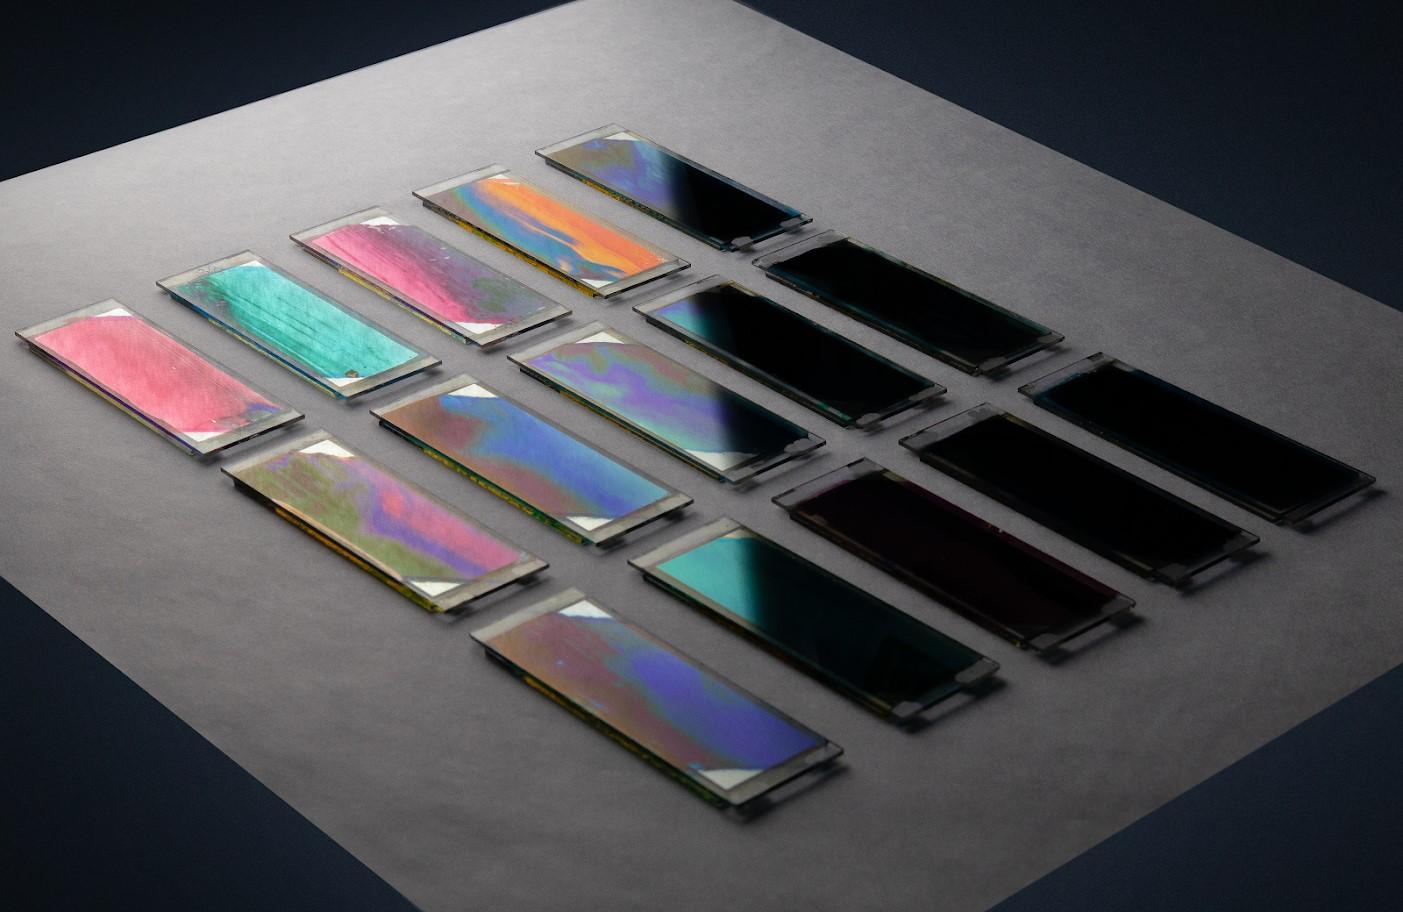 imagen de Muestras de células solares orgánicas basadas en gradientes. / ICMAB